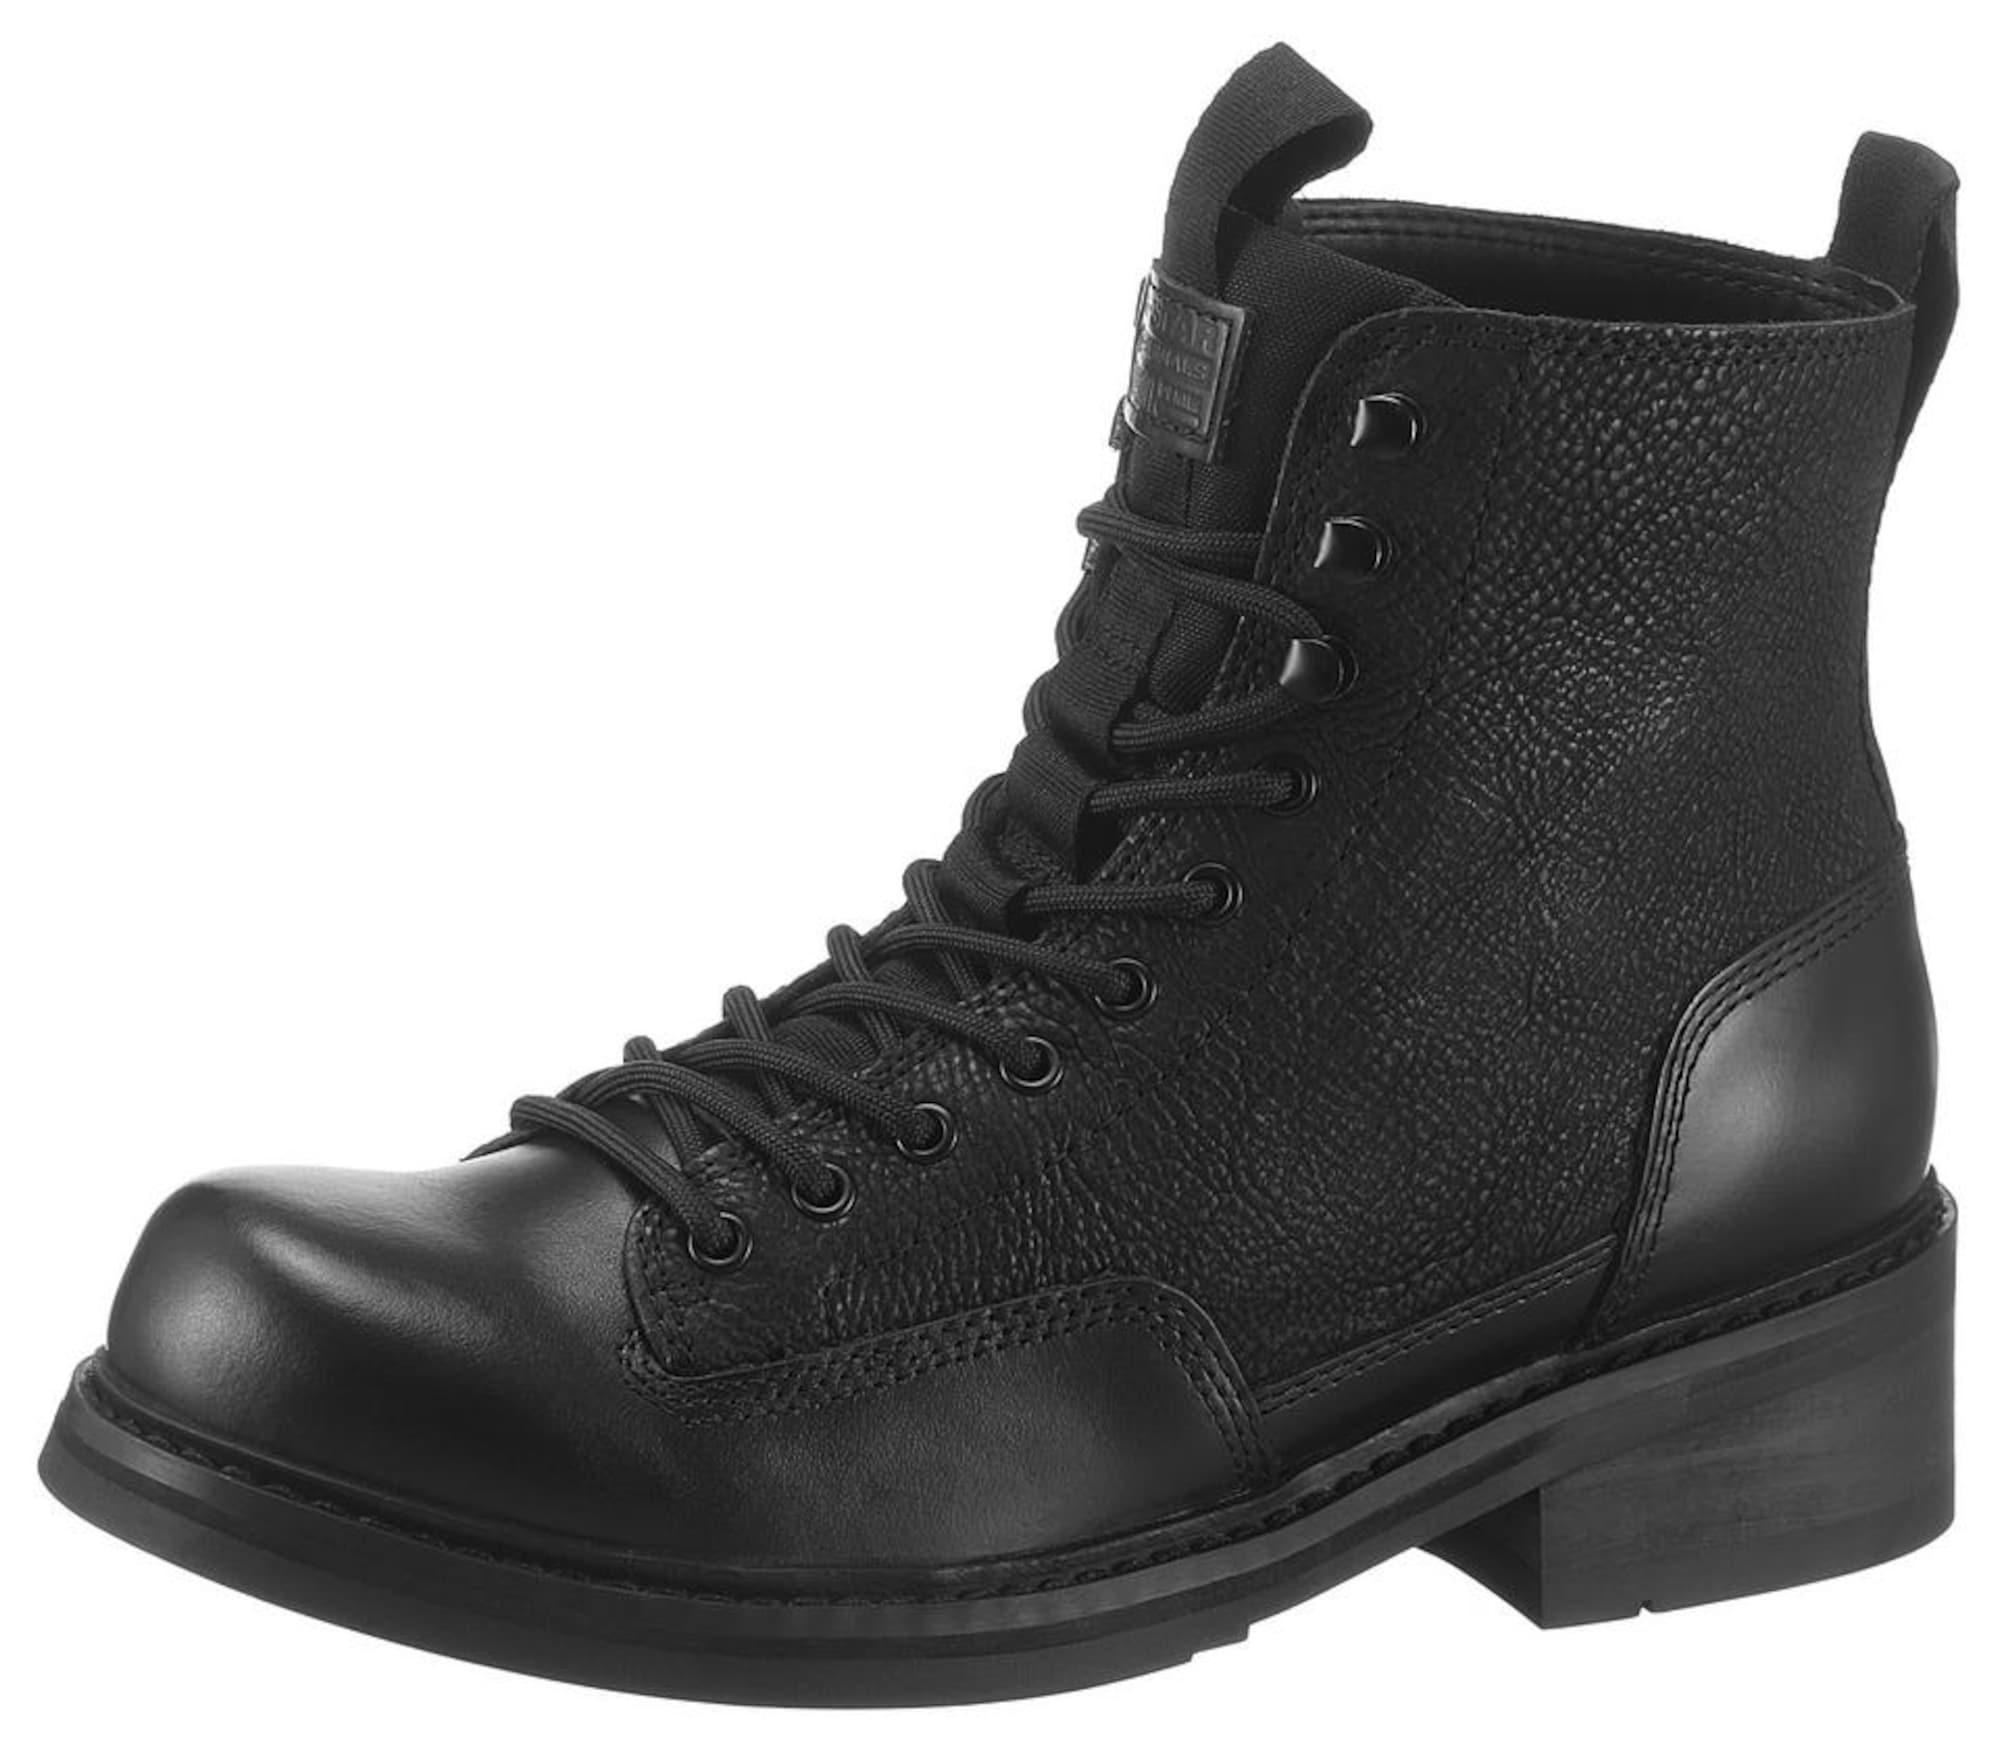 G-Star RAW Suvarstomieji batai 'Roofer II' juoda